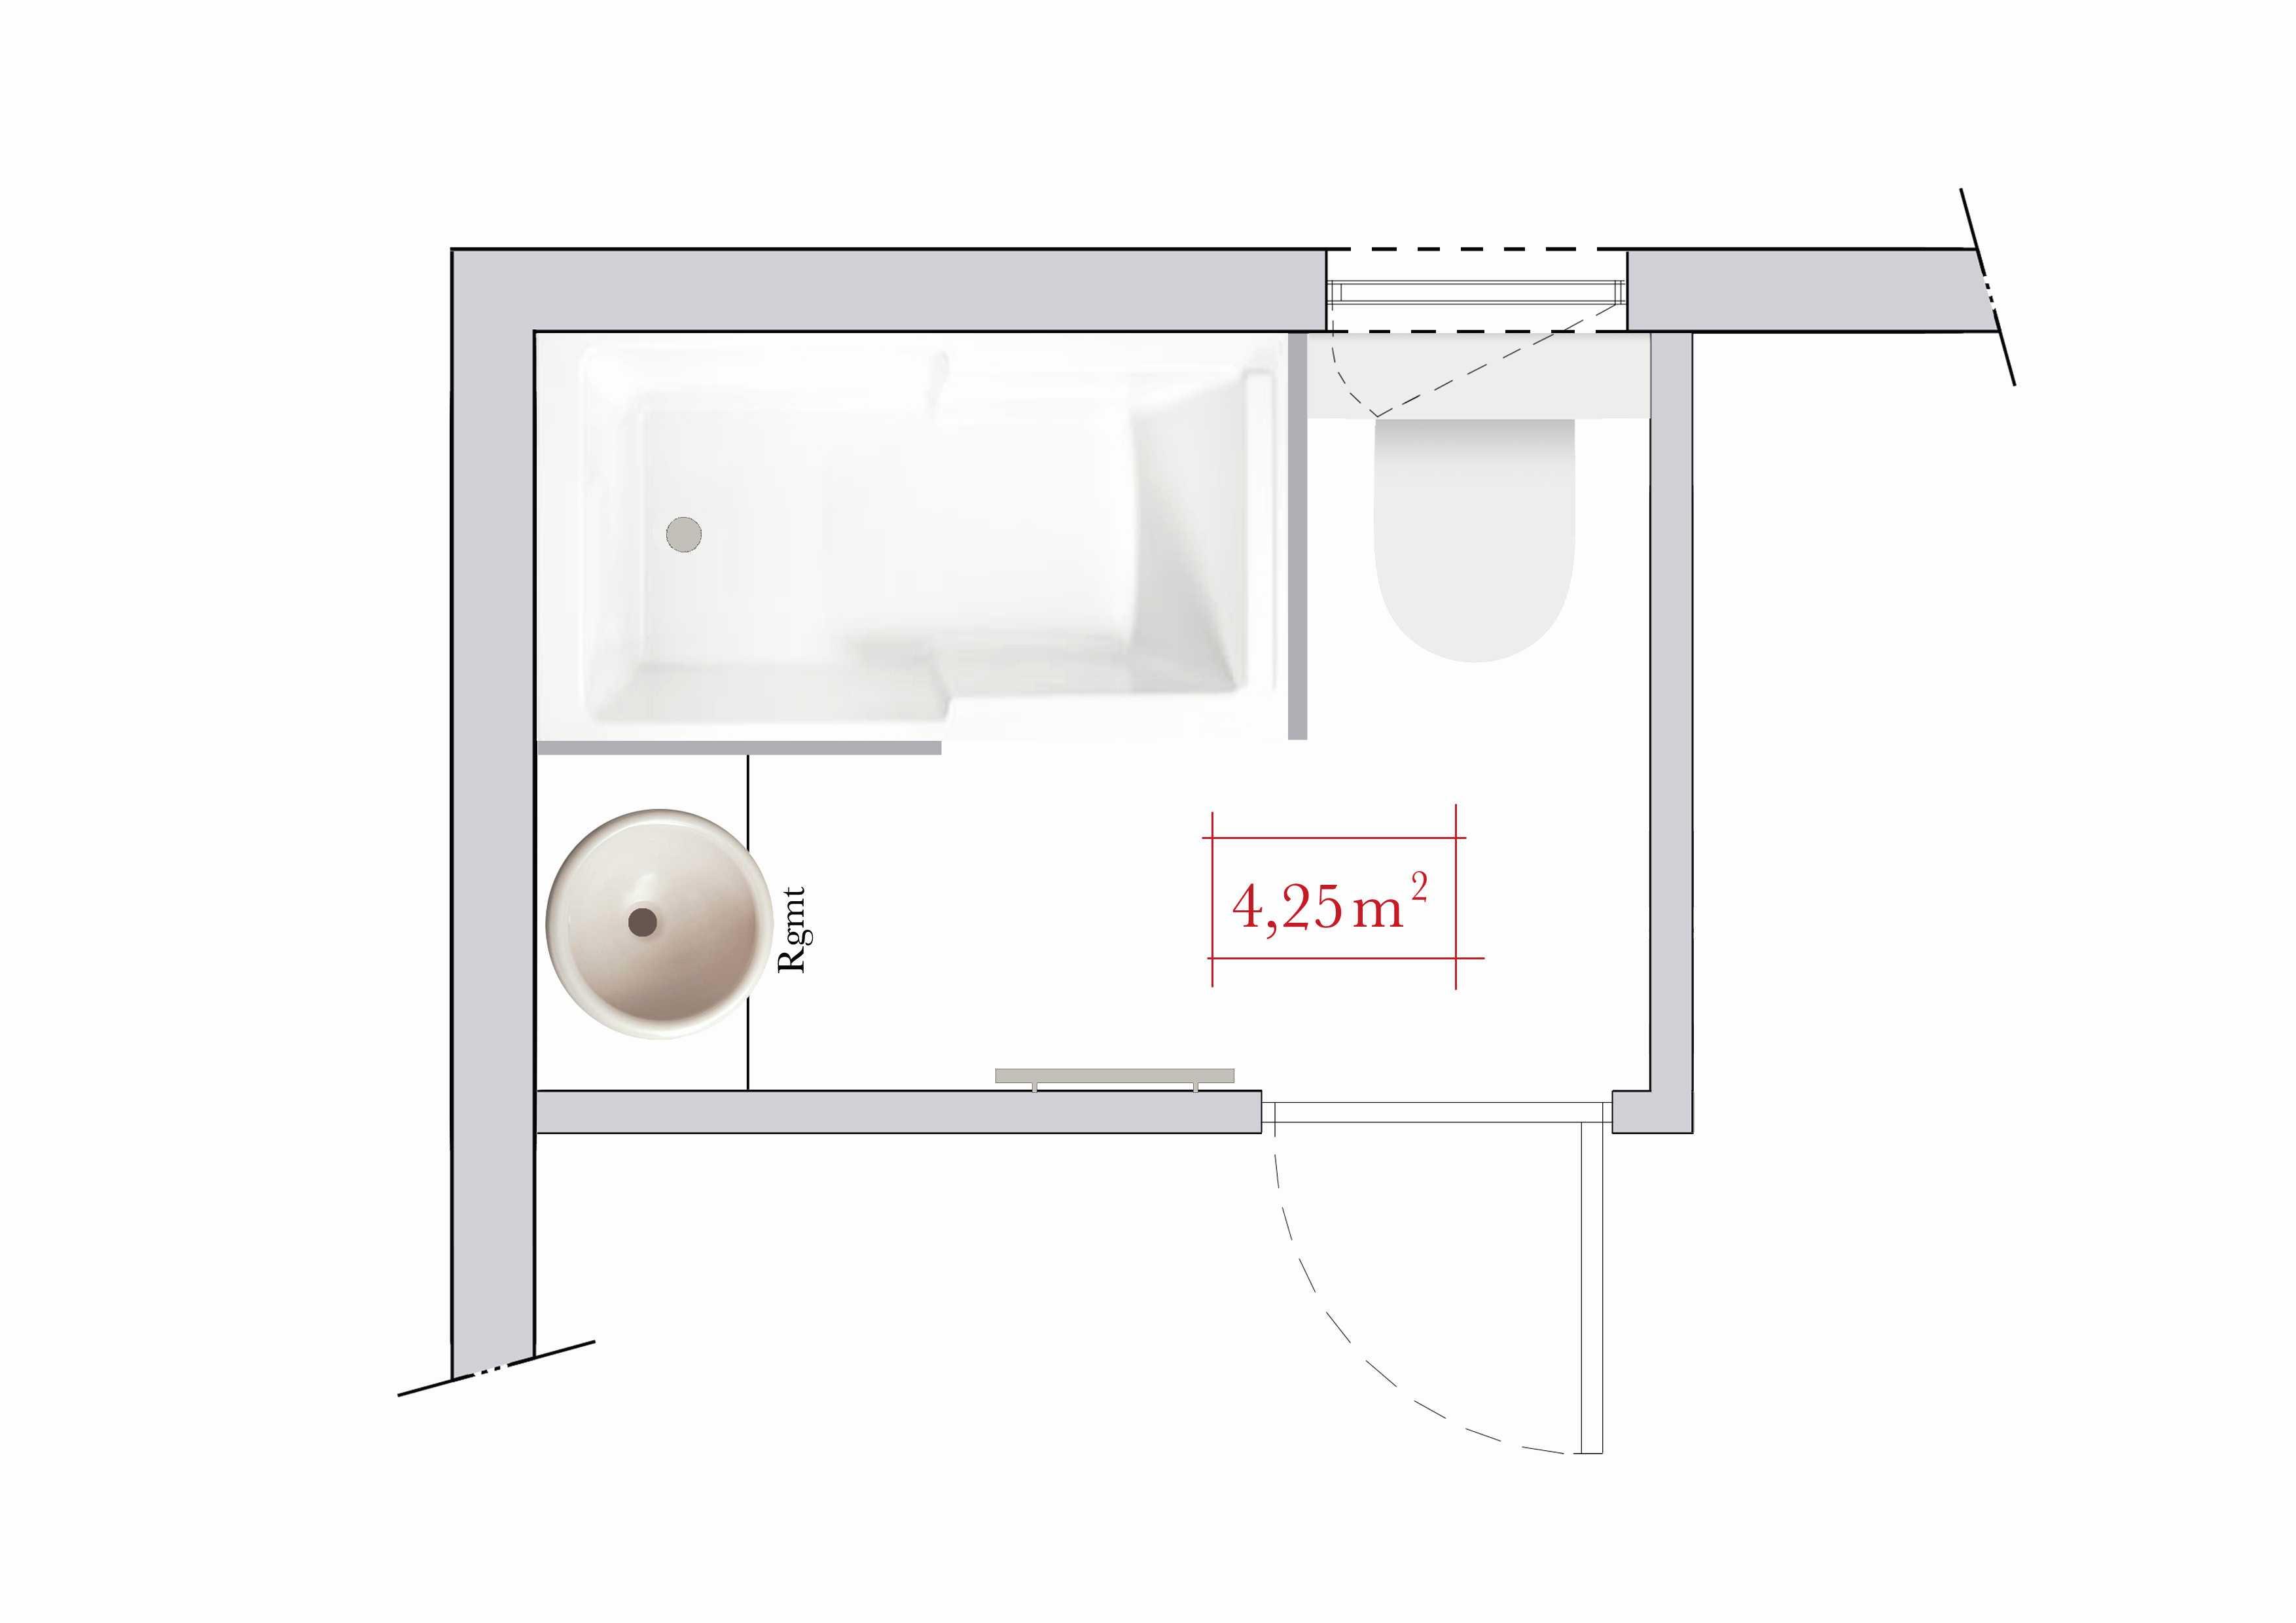 Salle De Bain sous Pente 5m2 Unique Galerie Plan Salle De Bain 5m2 Meilleures Plan De Salle De Bain Amenagement